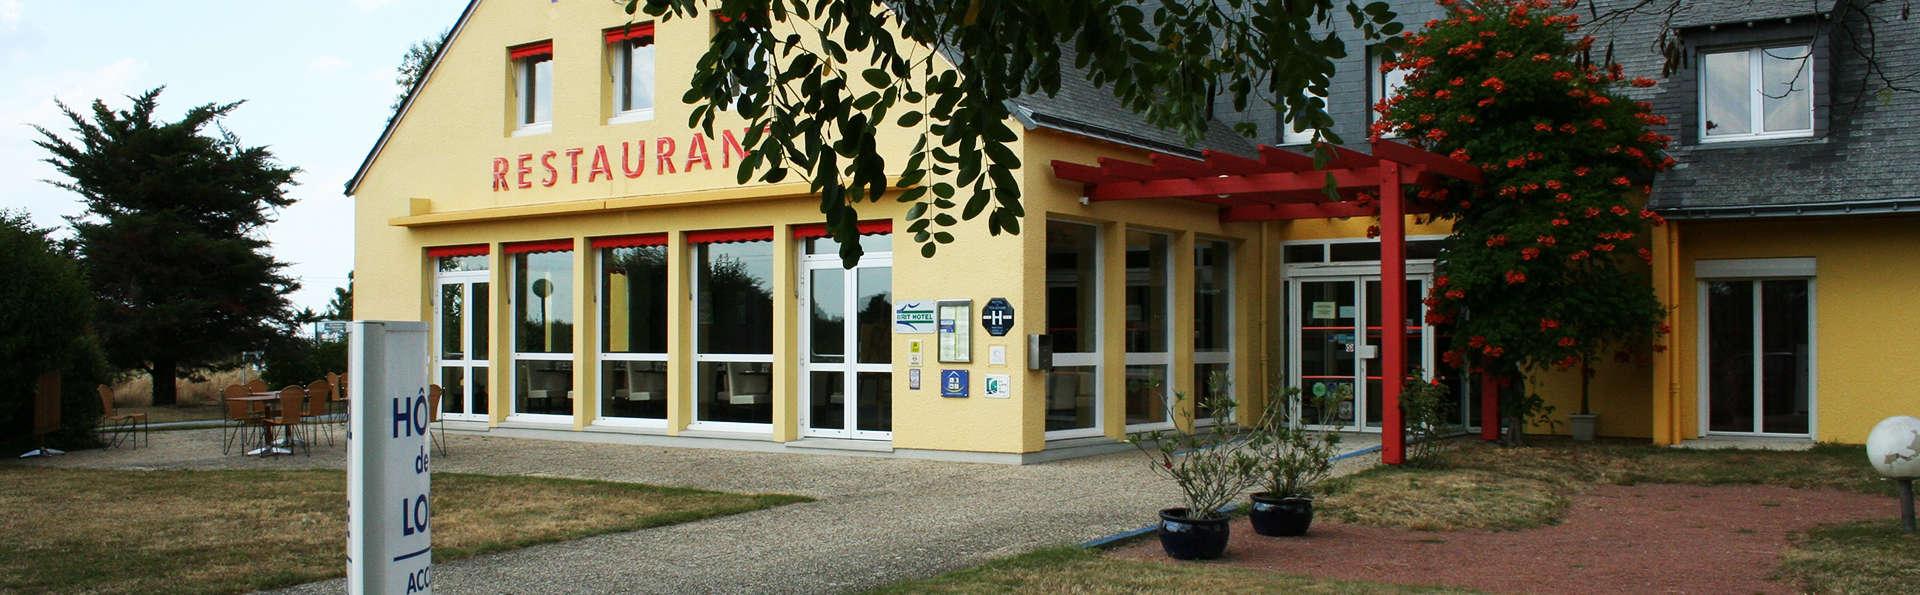 Hôtel de la Loire - EDIT_front.jpg